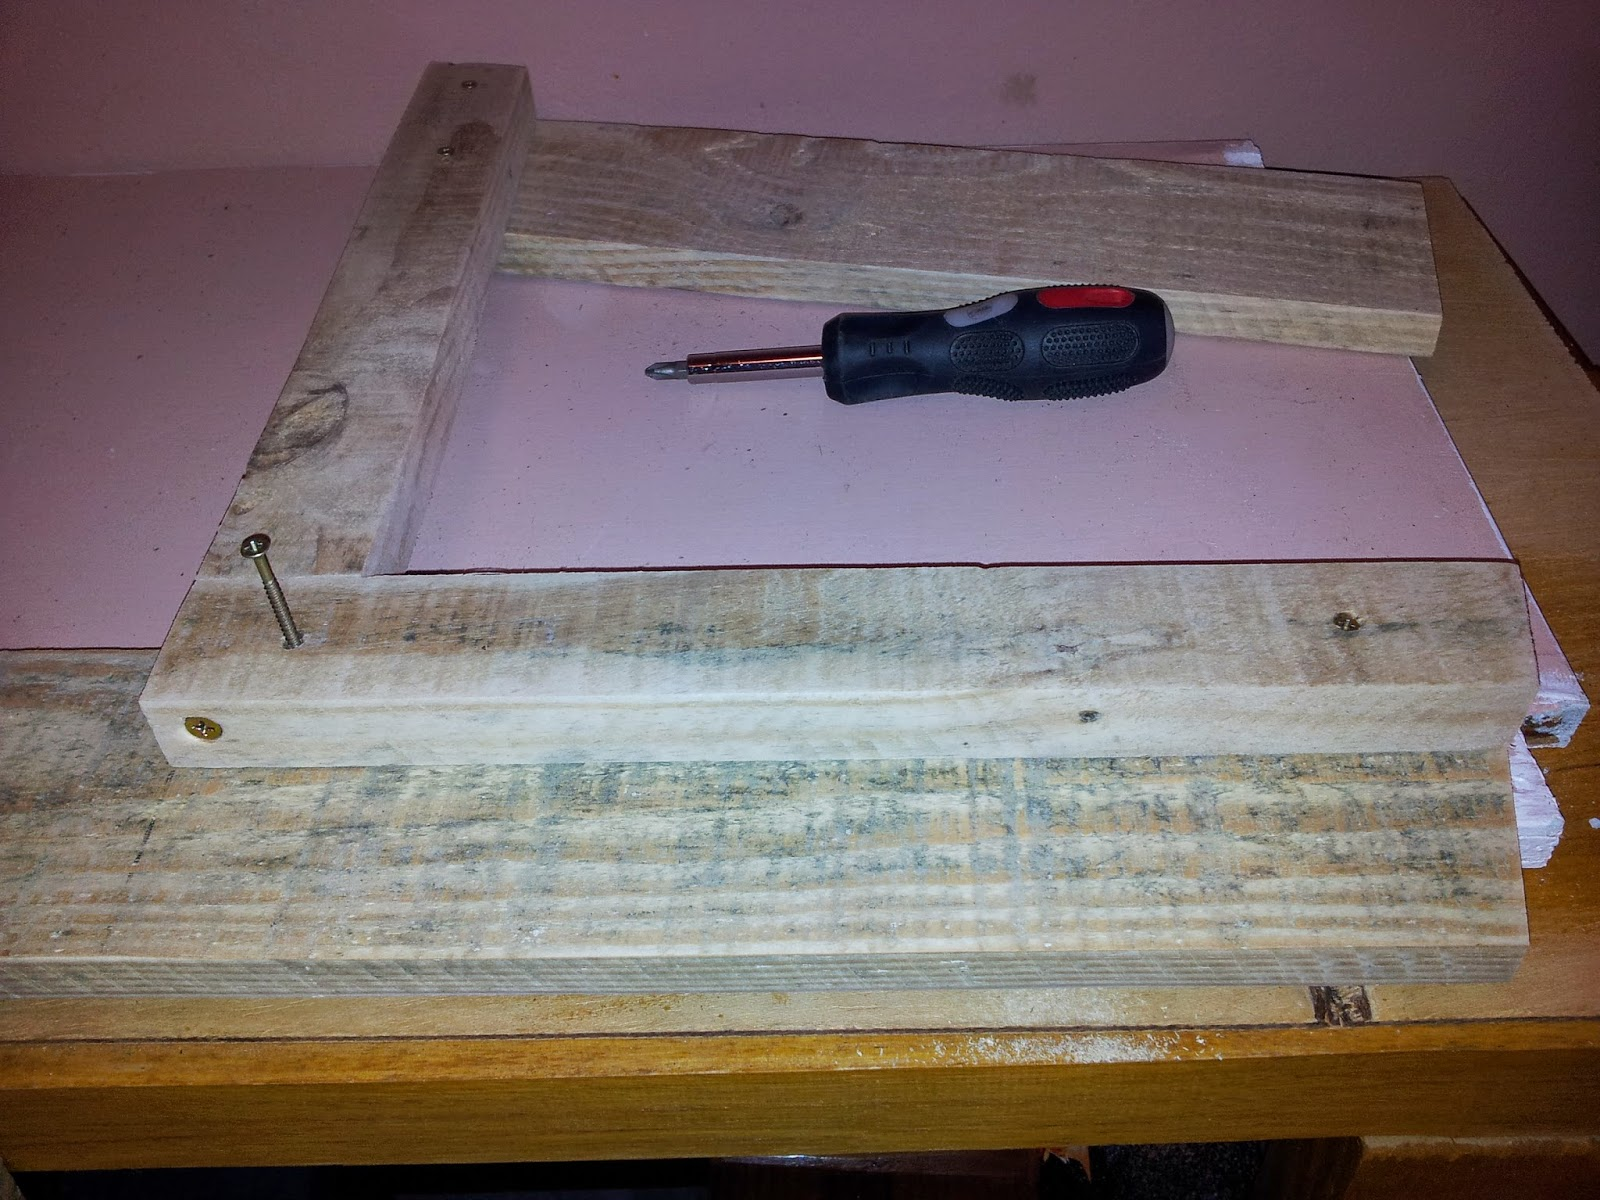 Oficina do Quintal: Como fazer banco de madeira com encosto #876838 1600x1200